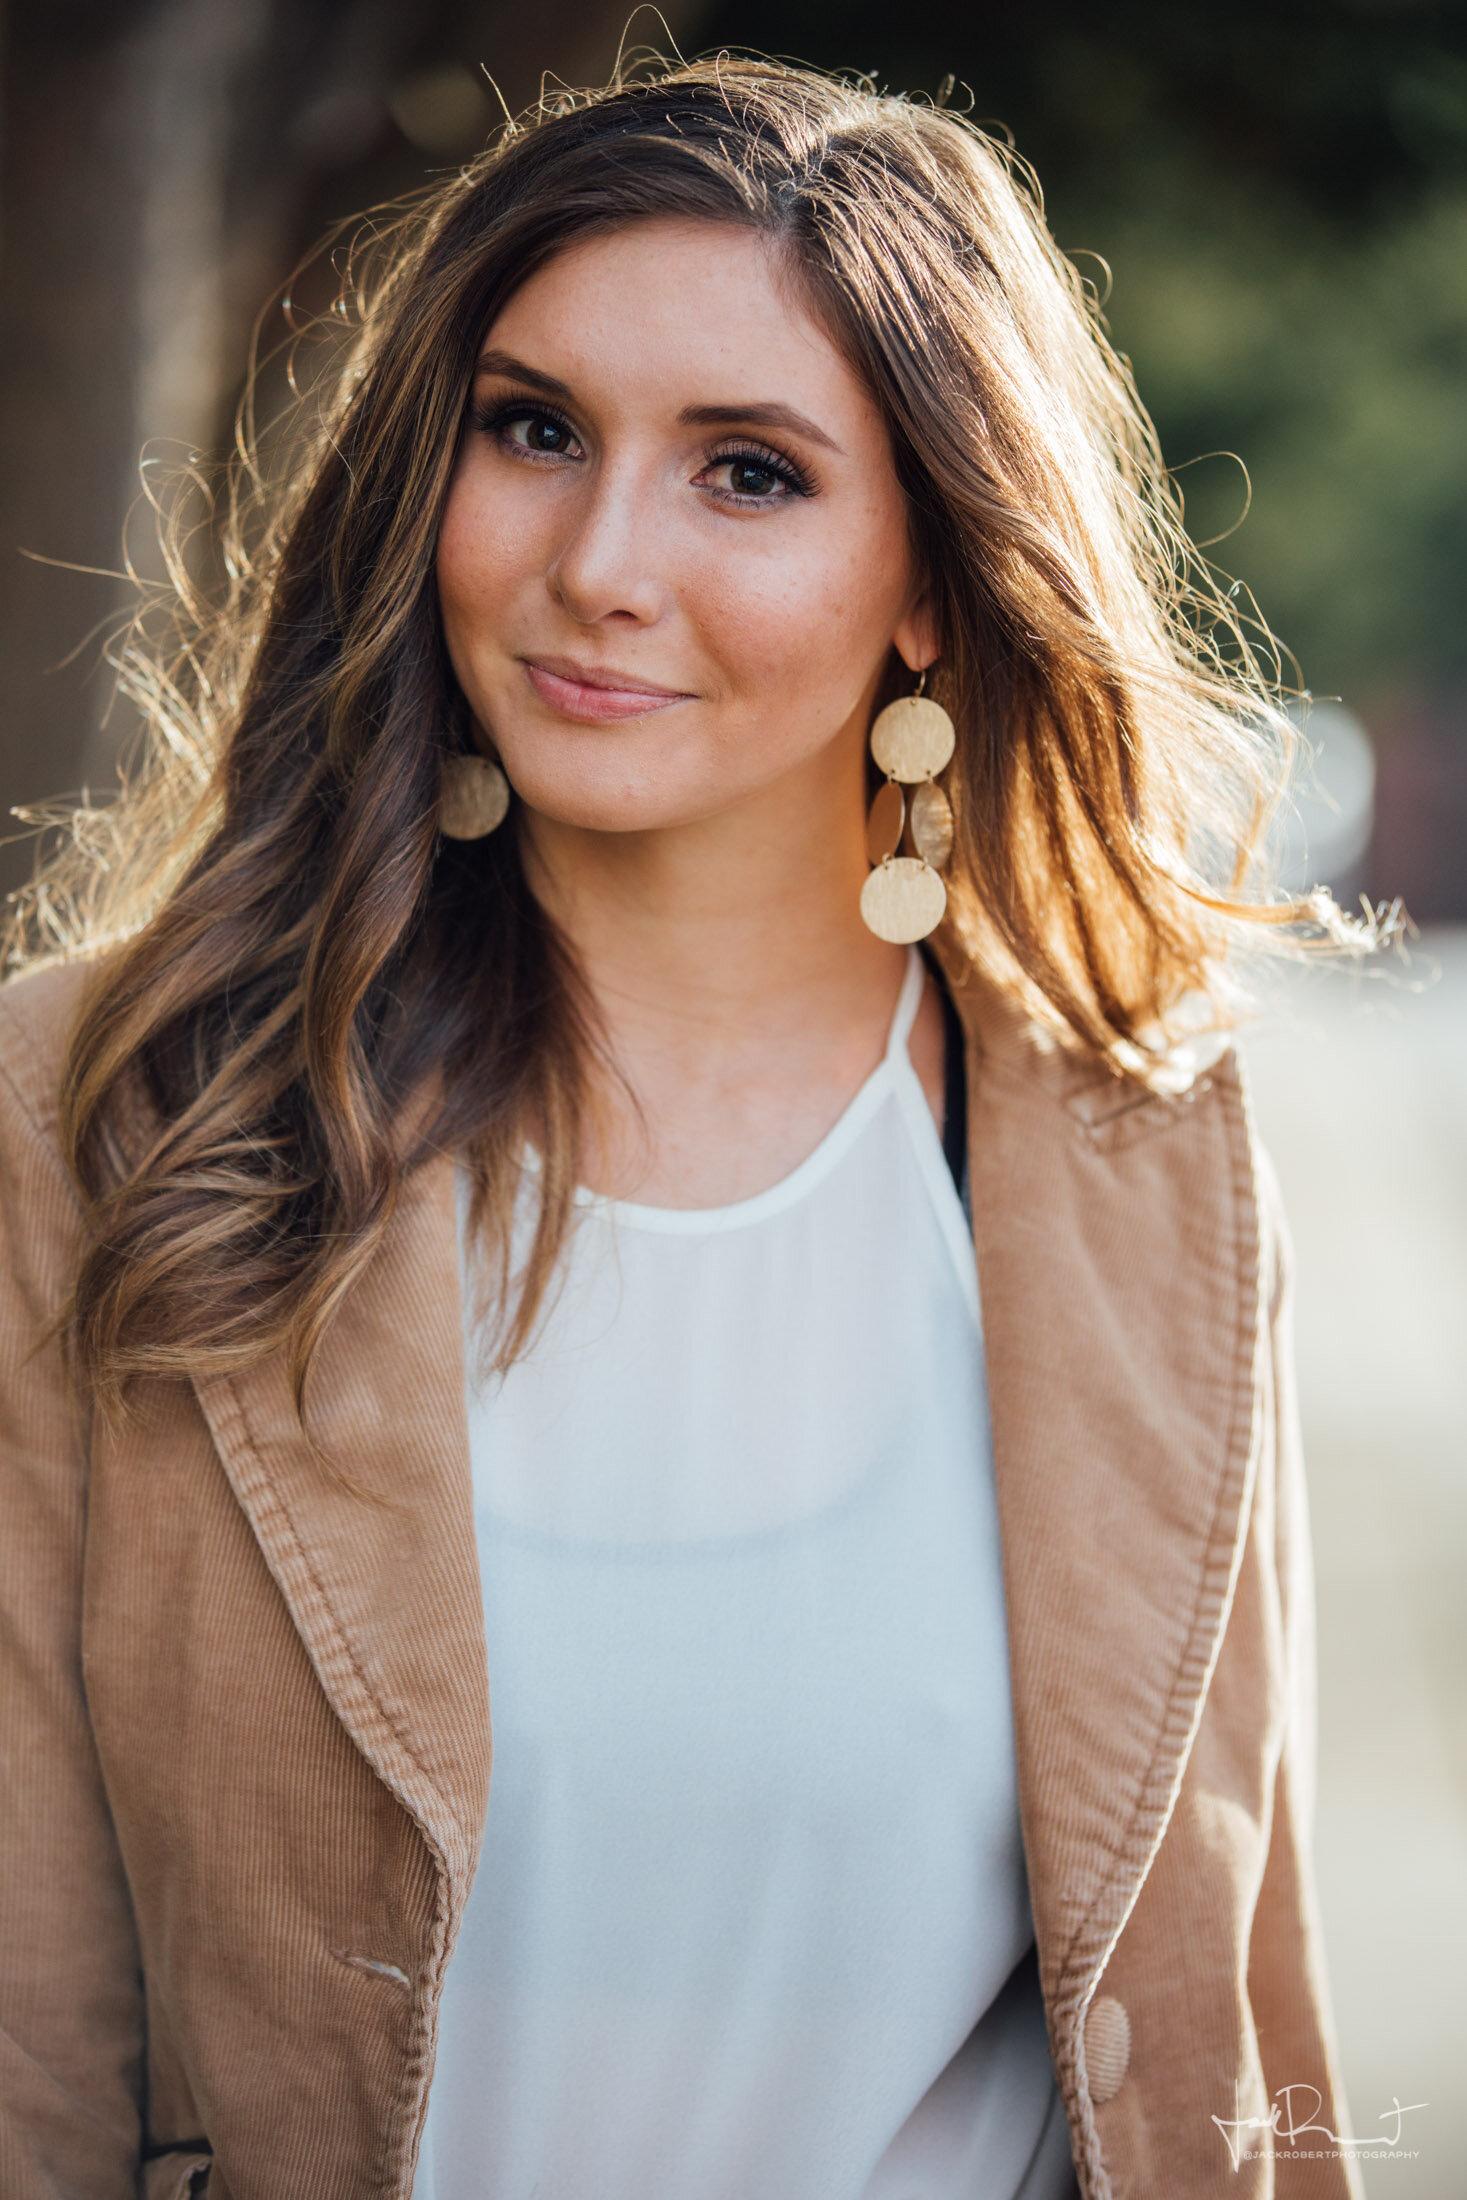 2020-01-22 BLOG Audrey Anne Bowman - Greenville, SC - Jack Robert Photography-9.jpg